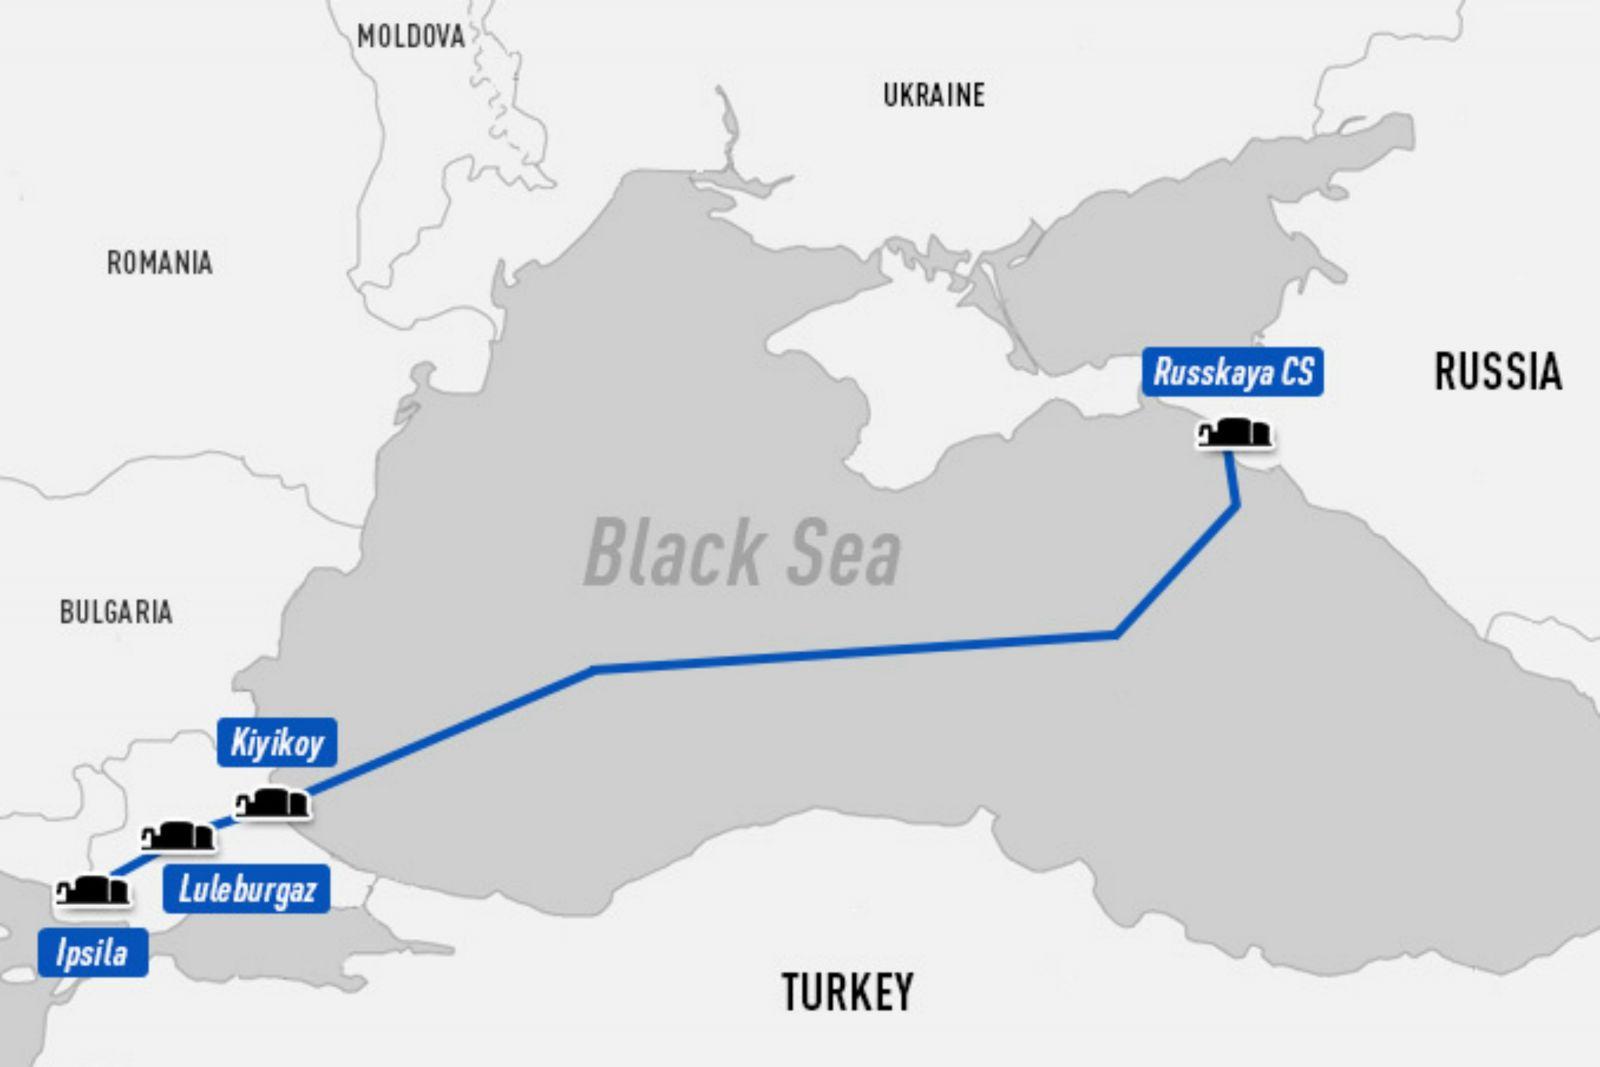 خط لوله ترکیش استریم مهم ترین پروژه های نفتی مهم ترین پروژه های نفتی 2017 1